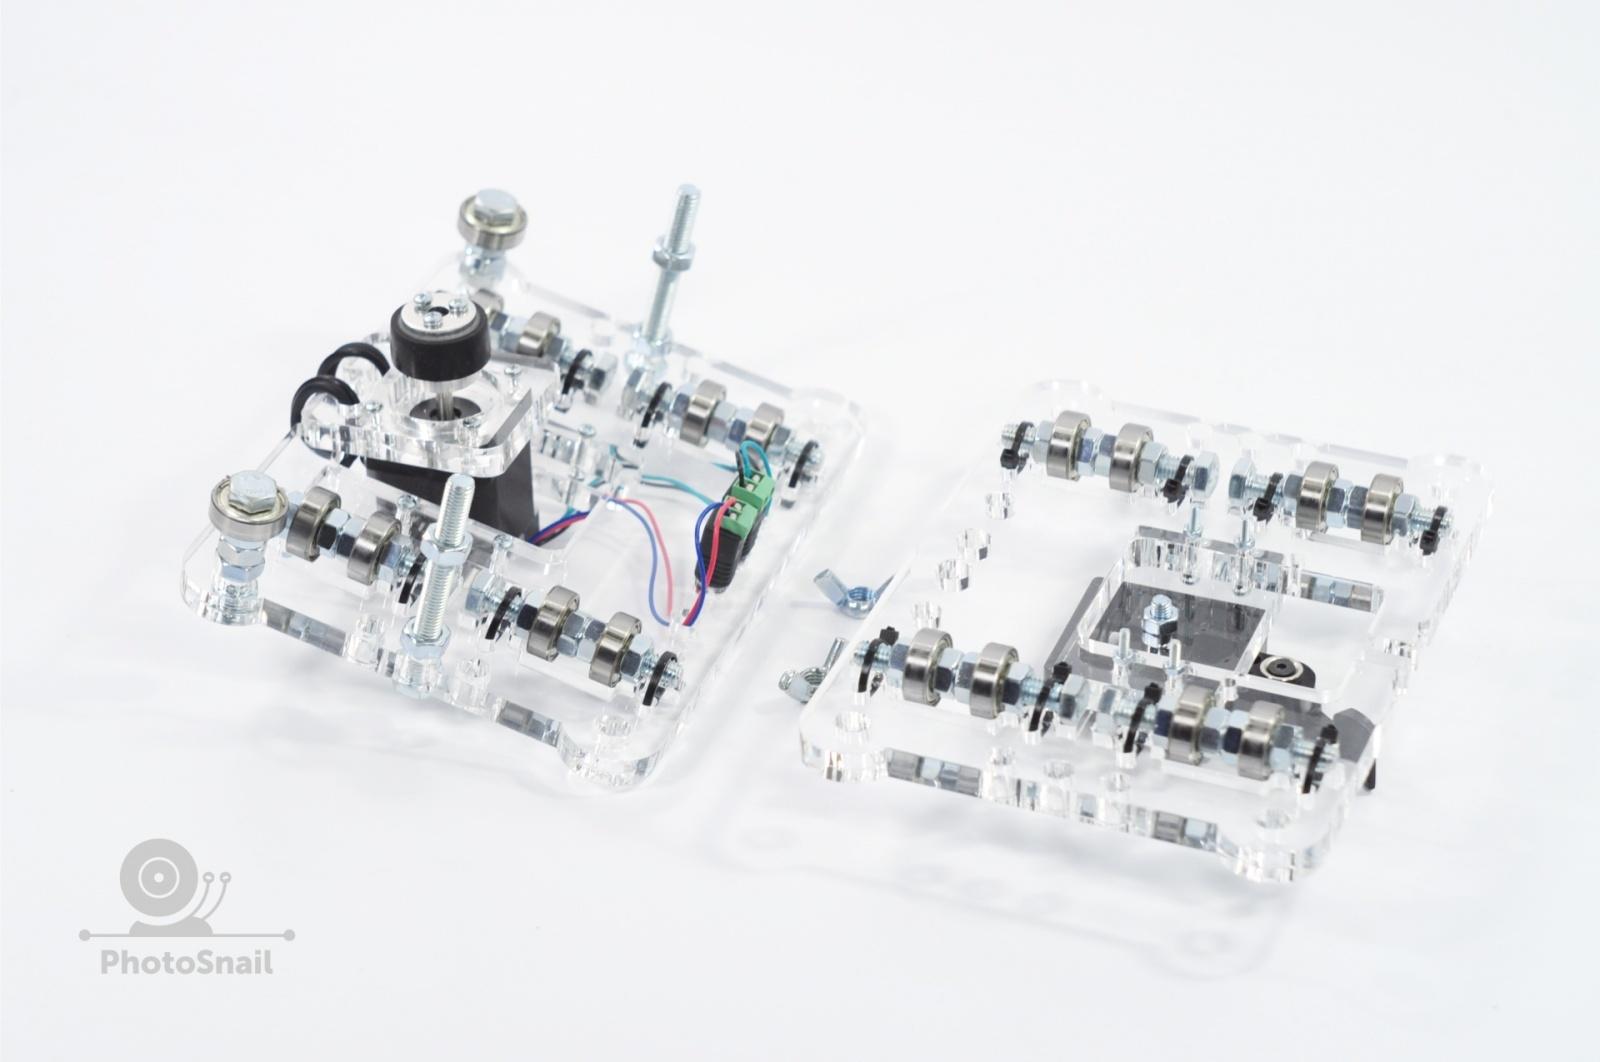 DIY моторизированный слайдер для съемки TimeLapse и видео - 8